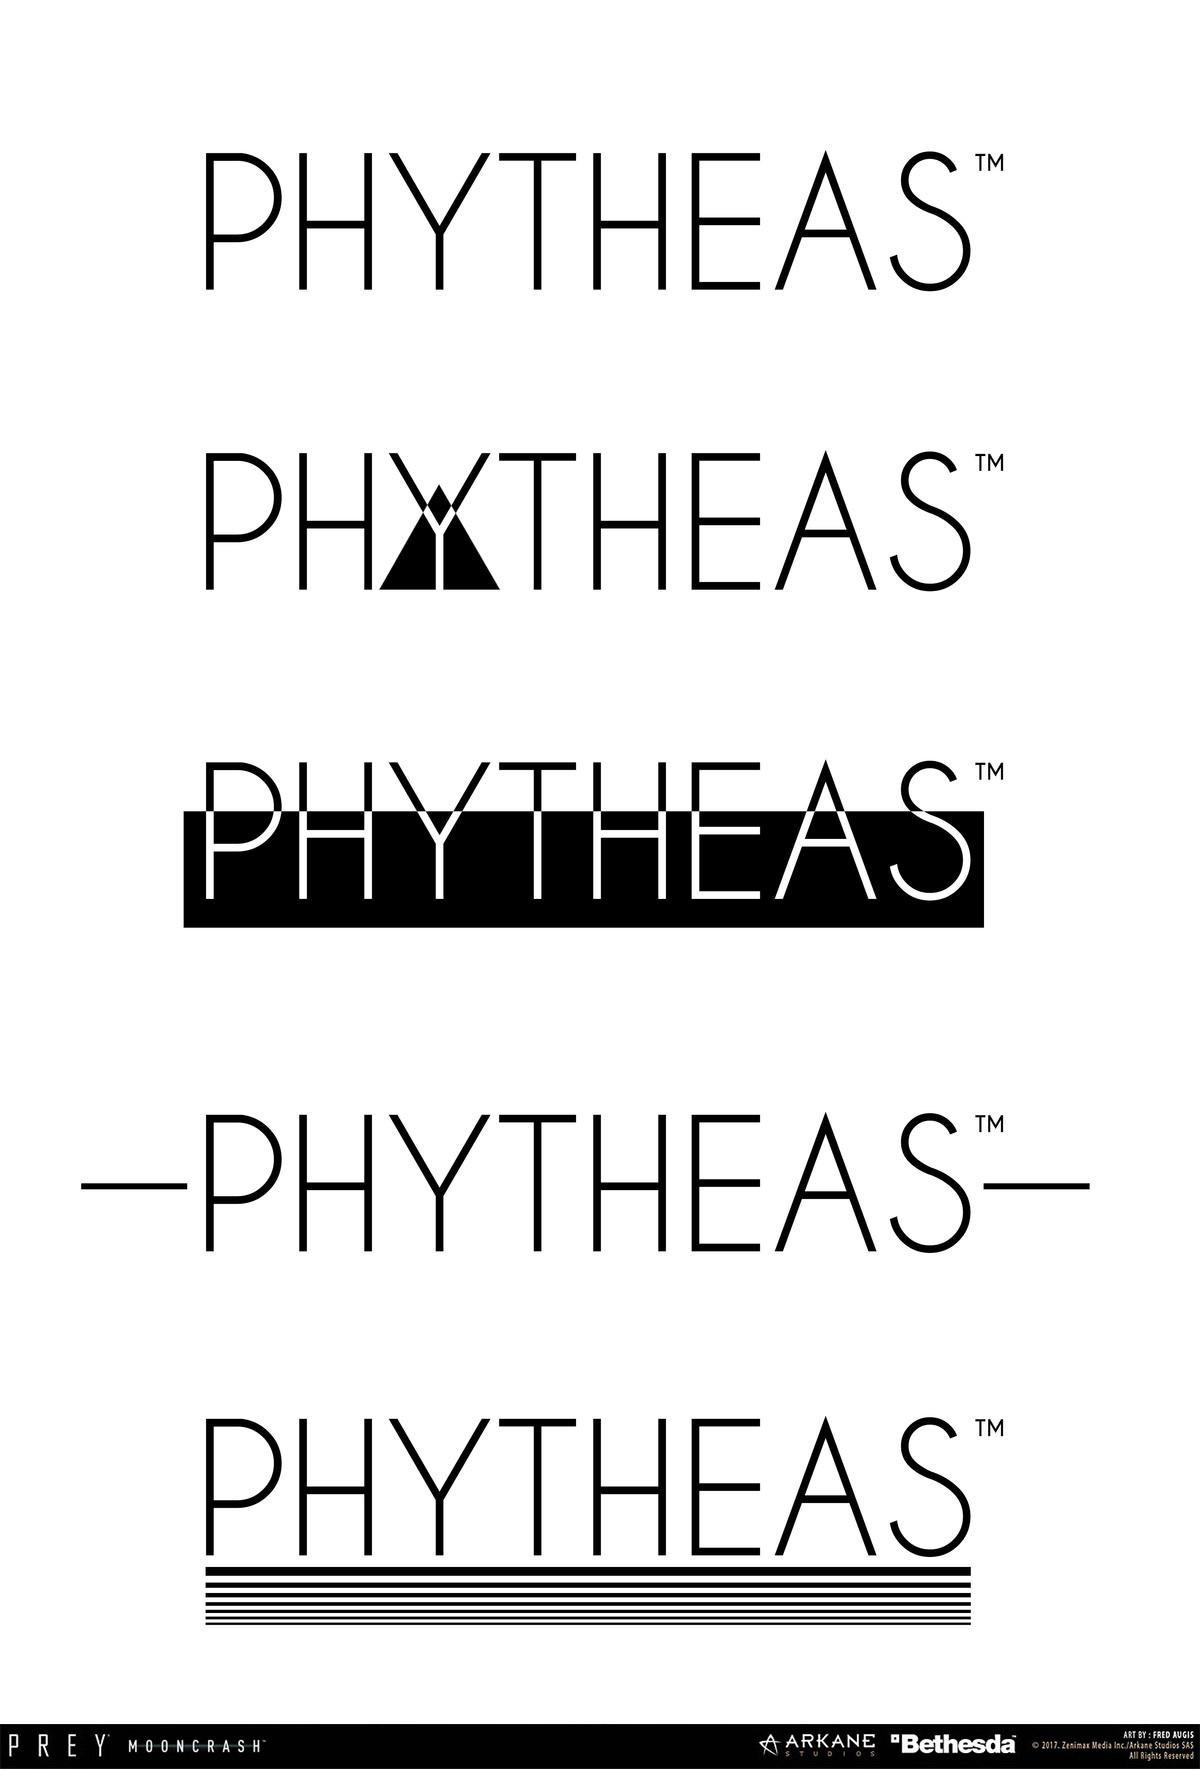 Fred augis pytheas logo text